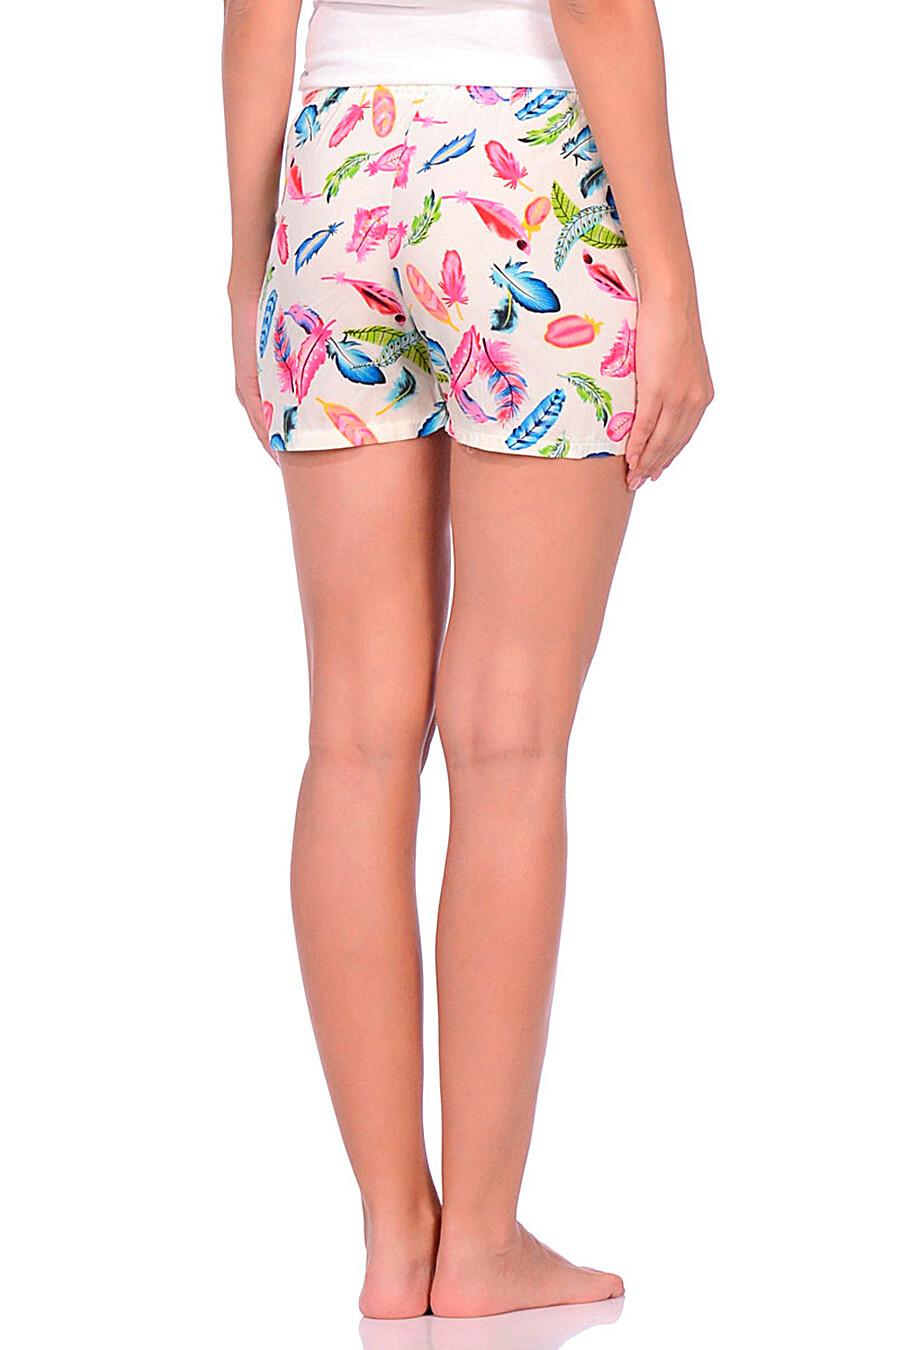 Шорты для женщин N.O.A. 239597 купить оптом от производителя. Совместная покупка женской одежды в OptMoyo